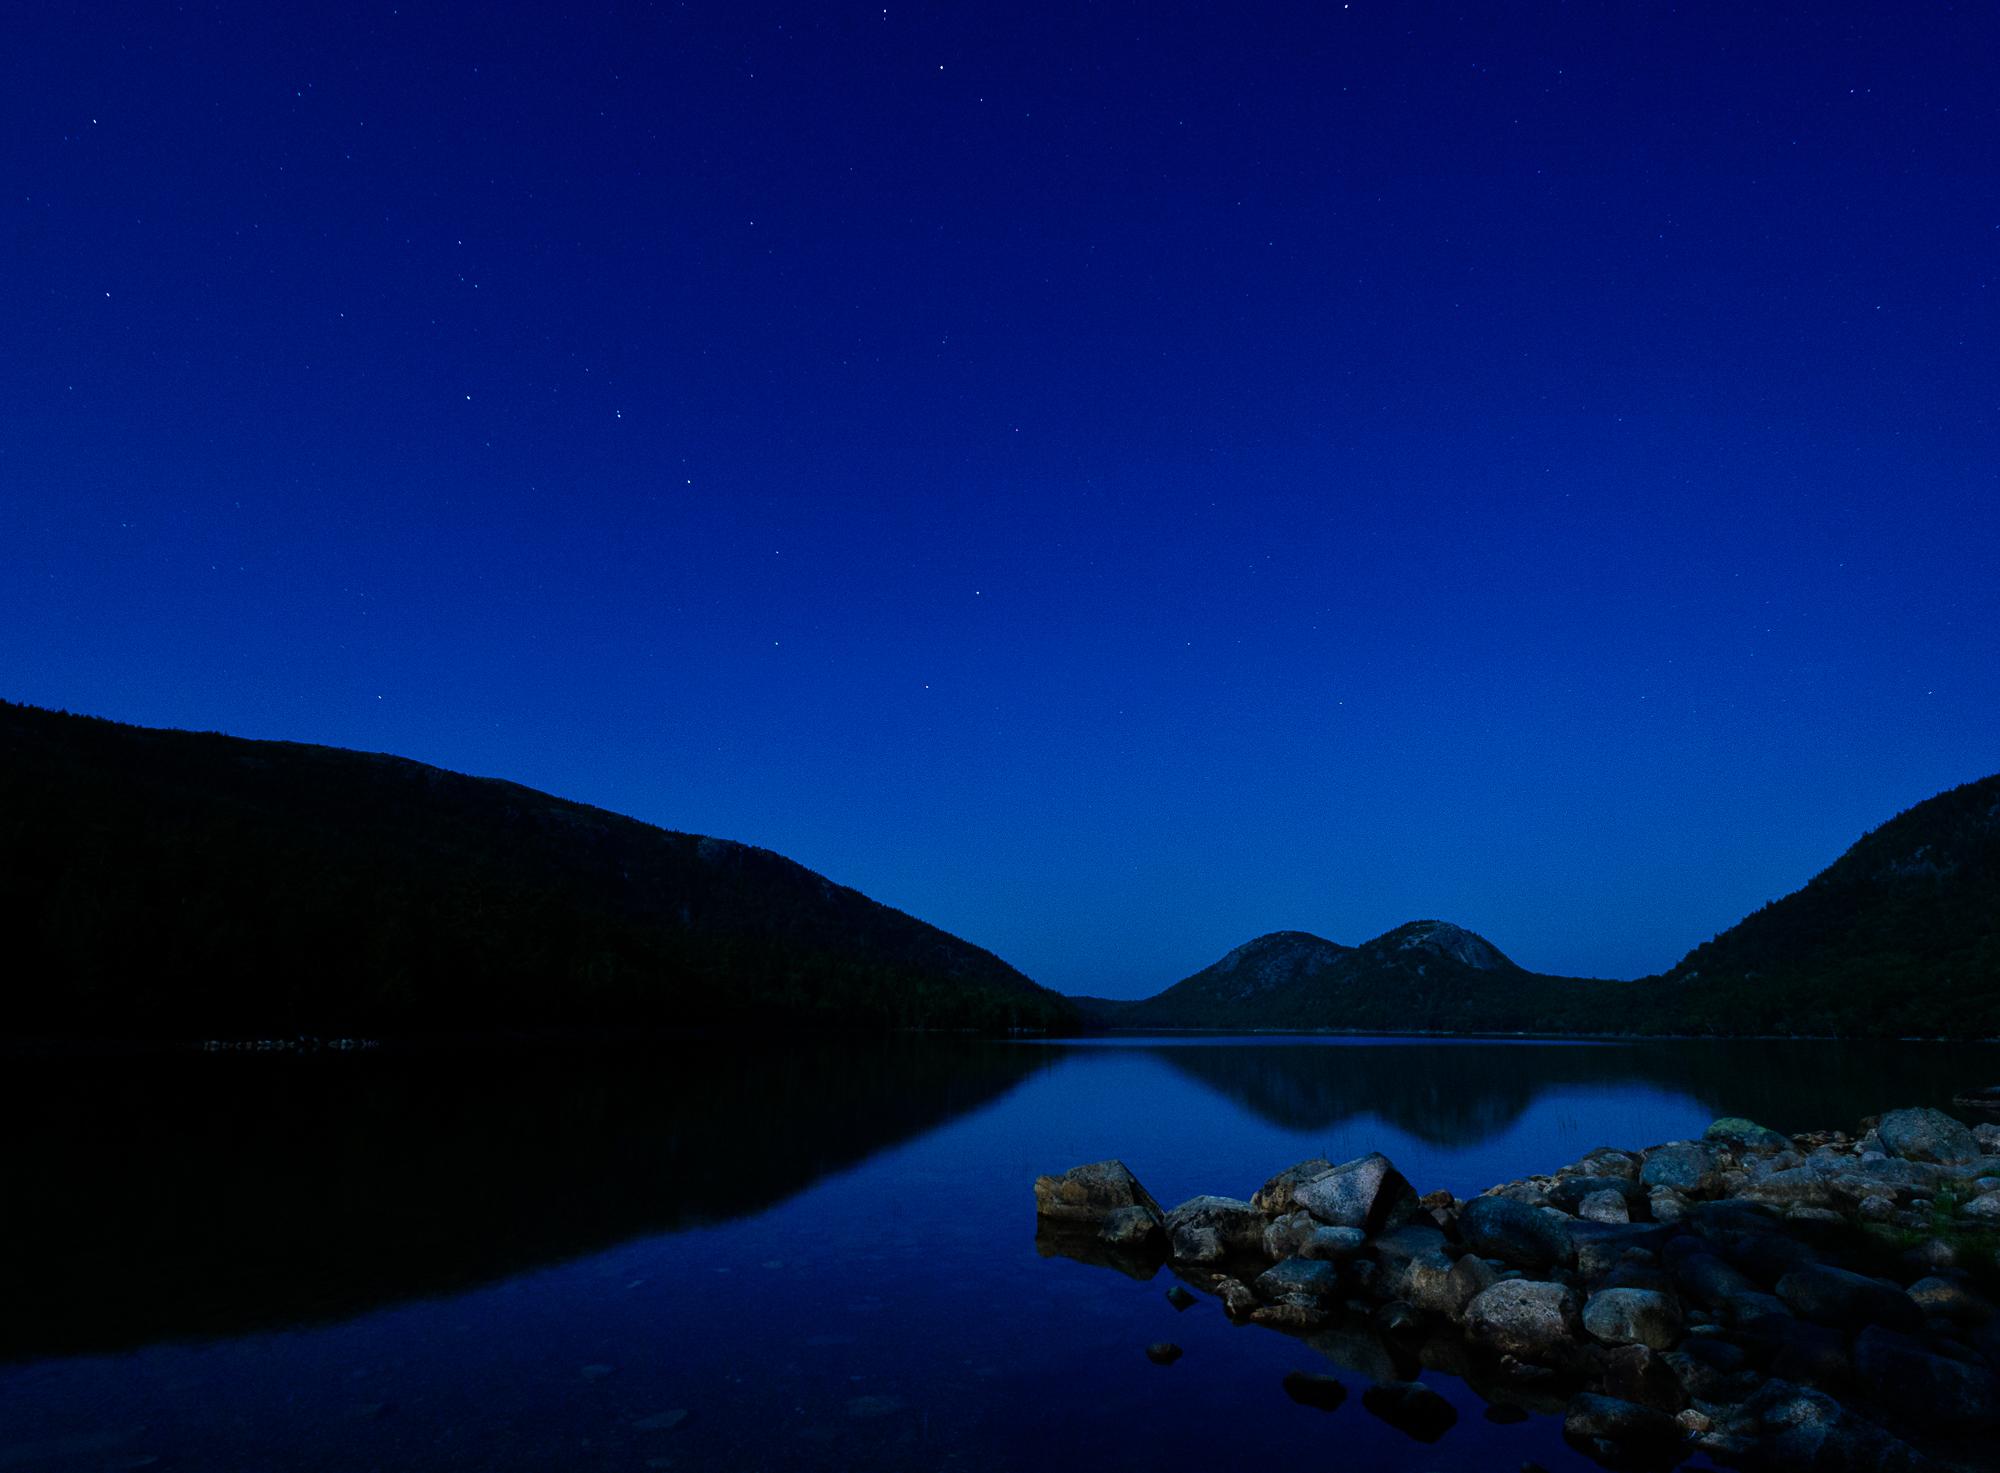 Chris Nicholson - Acadia_Nicholson_150730.416.jpg